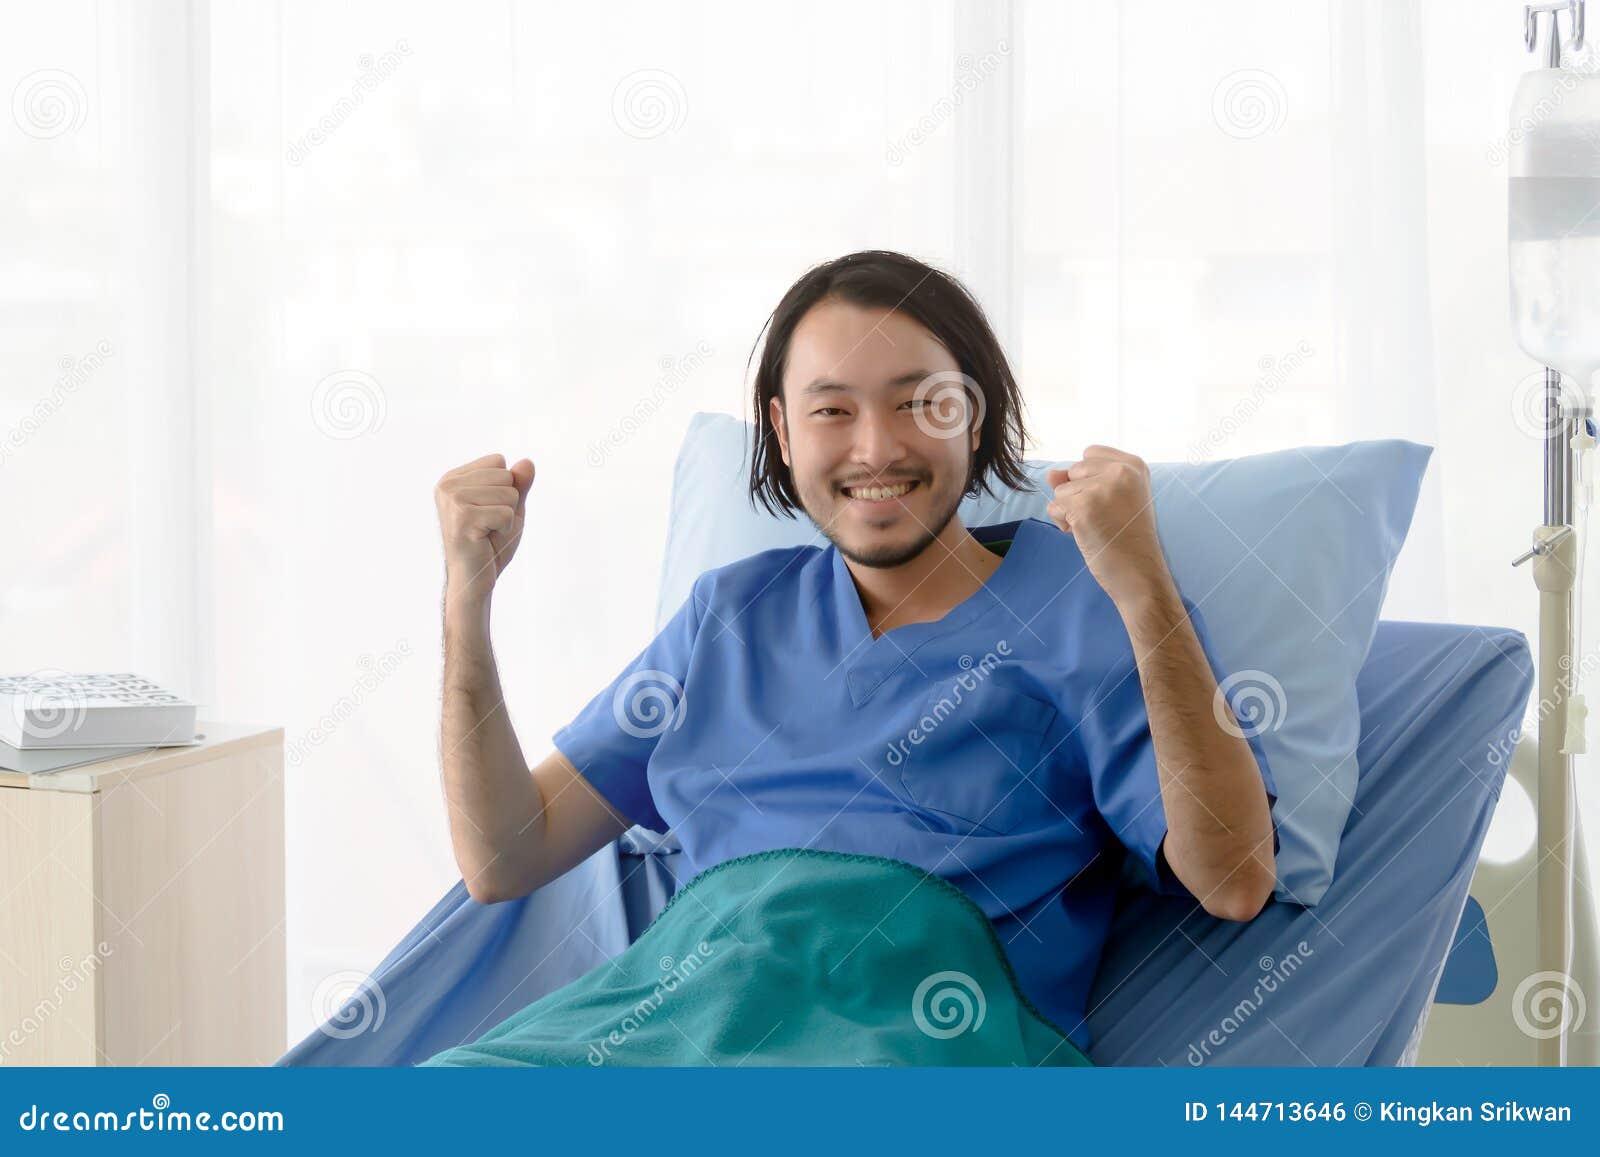 Ασιατική υπομονετική συνεδρίαση στο νοσοκομειακό κρεβάτι με την αύξηση των όπλων